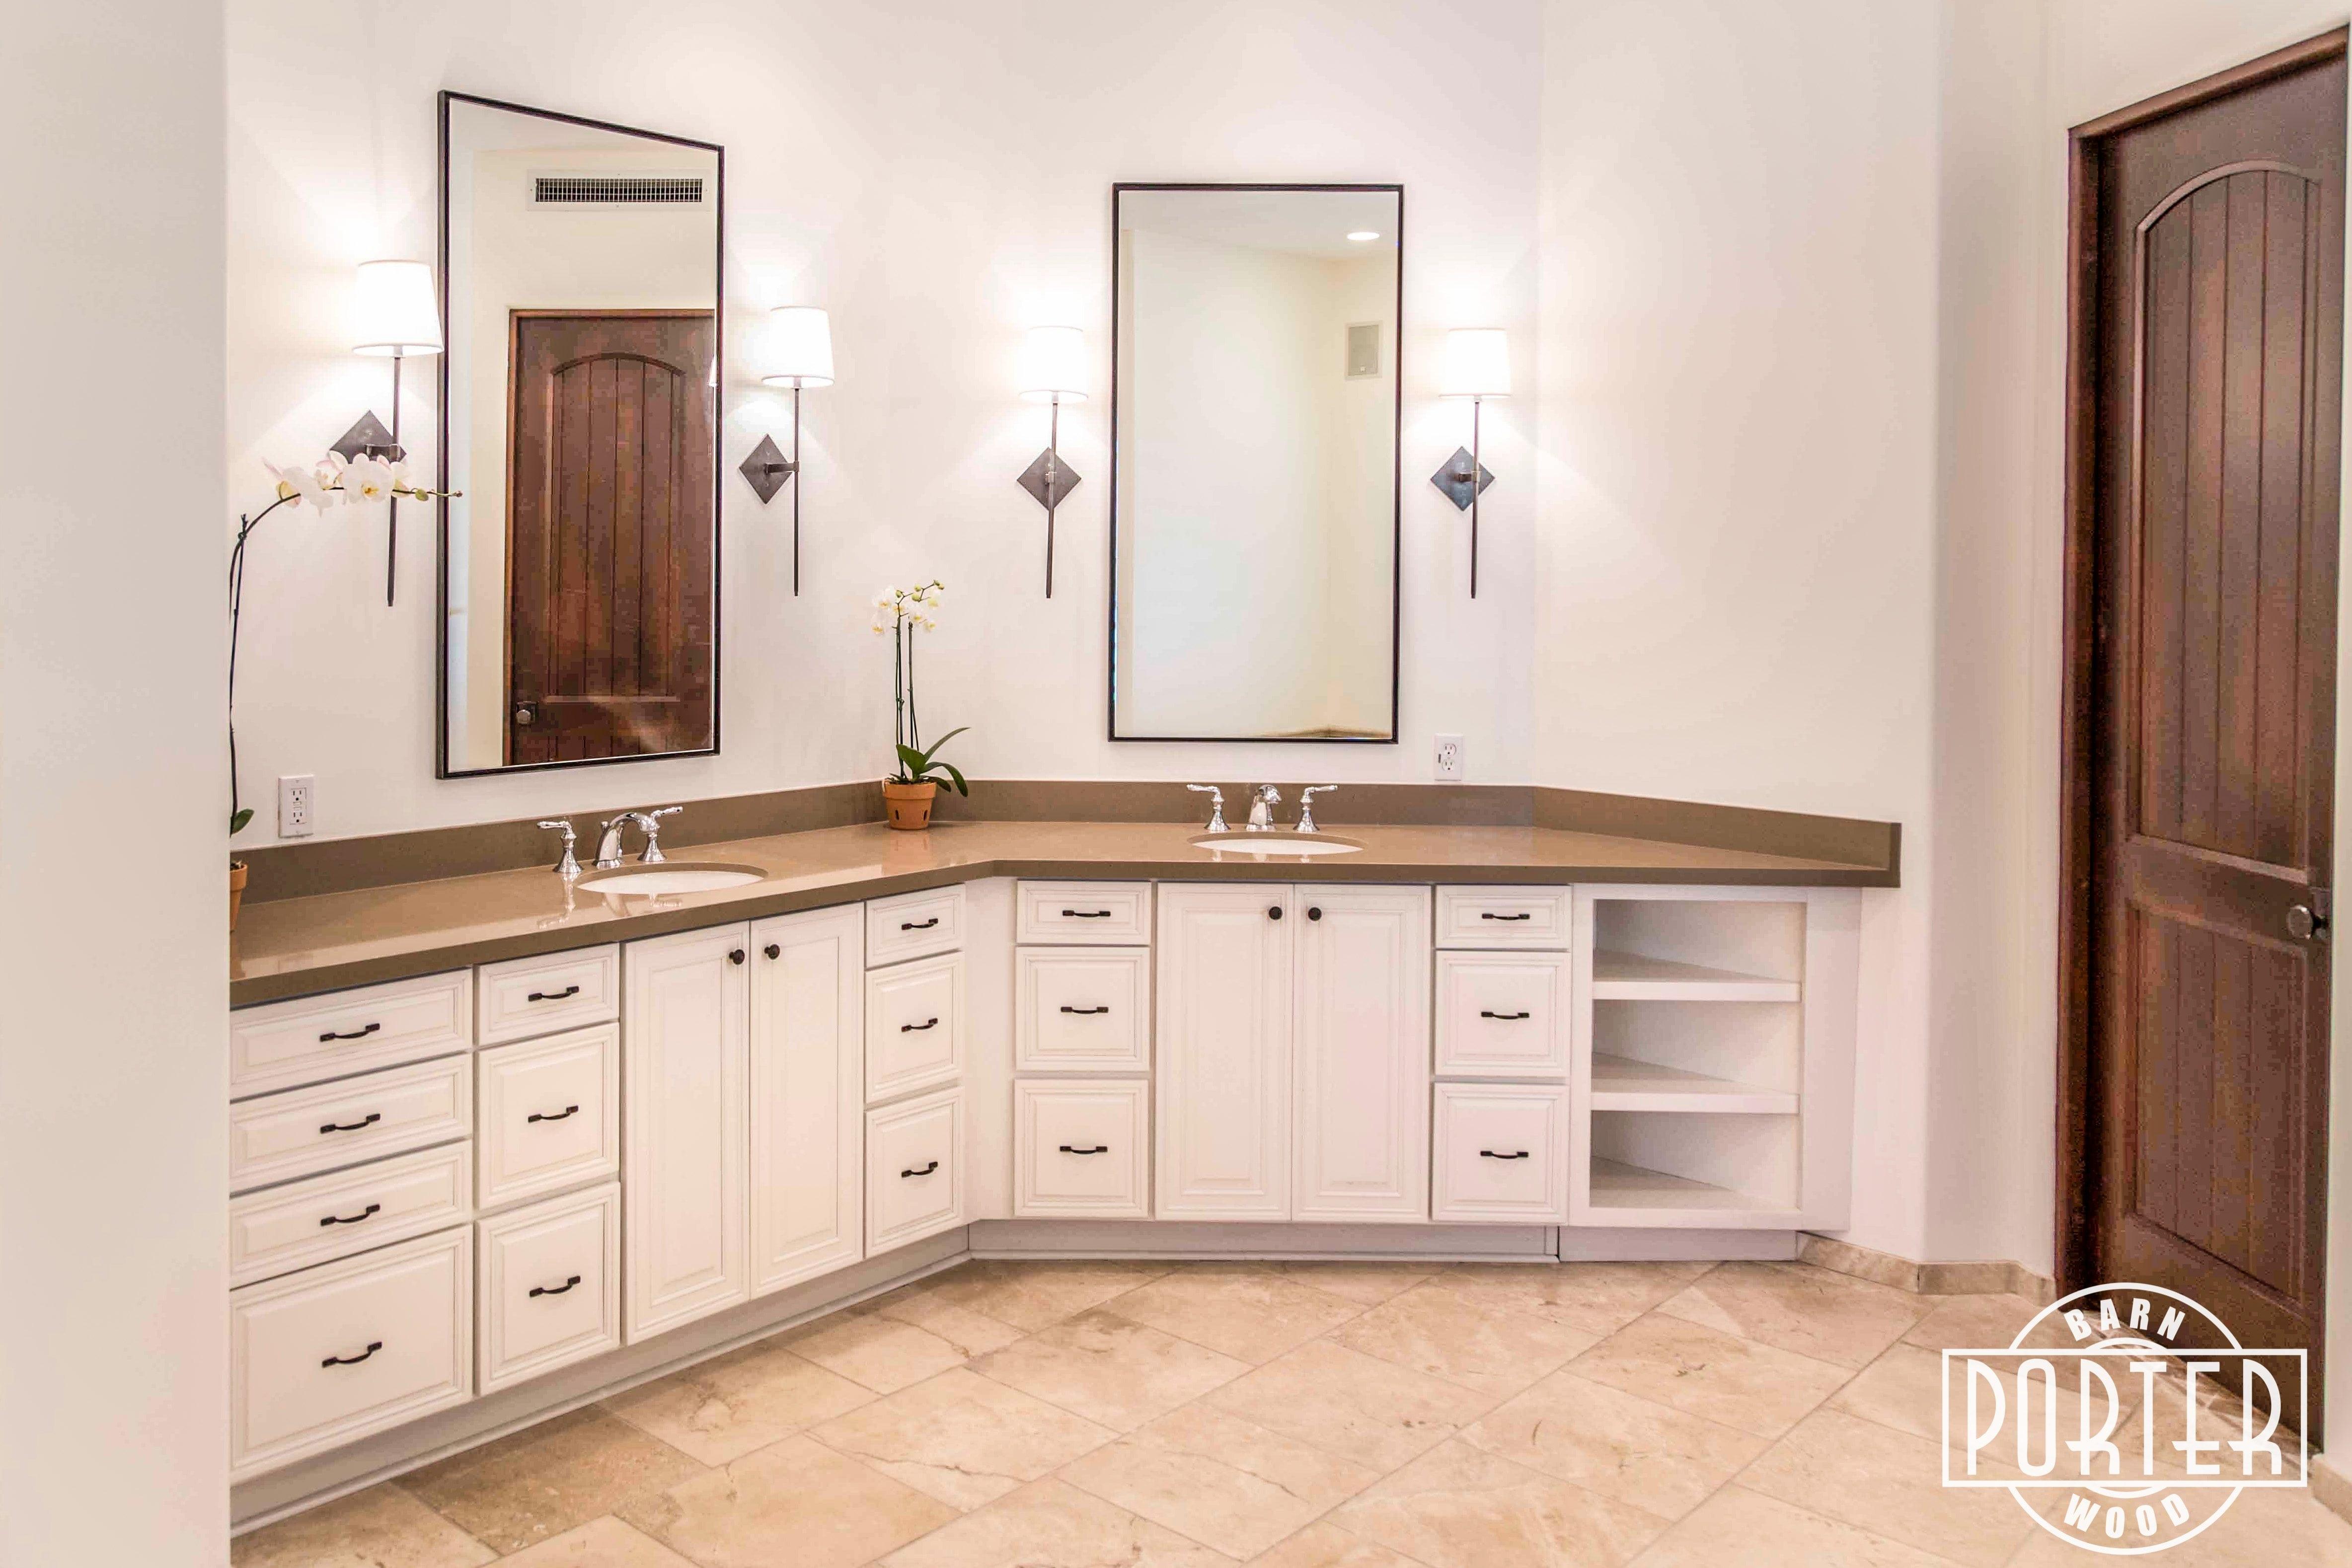 Bathroom Mirror & Cabinet